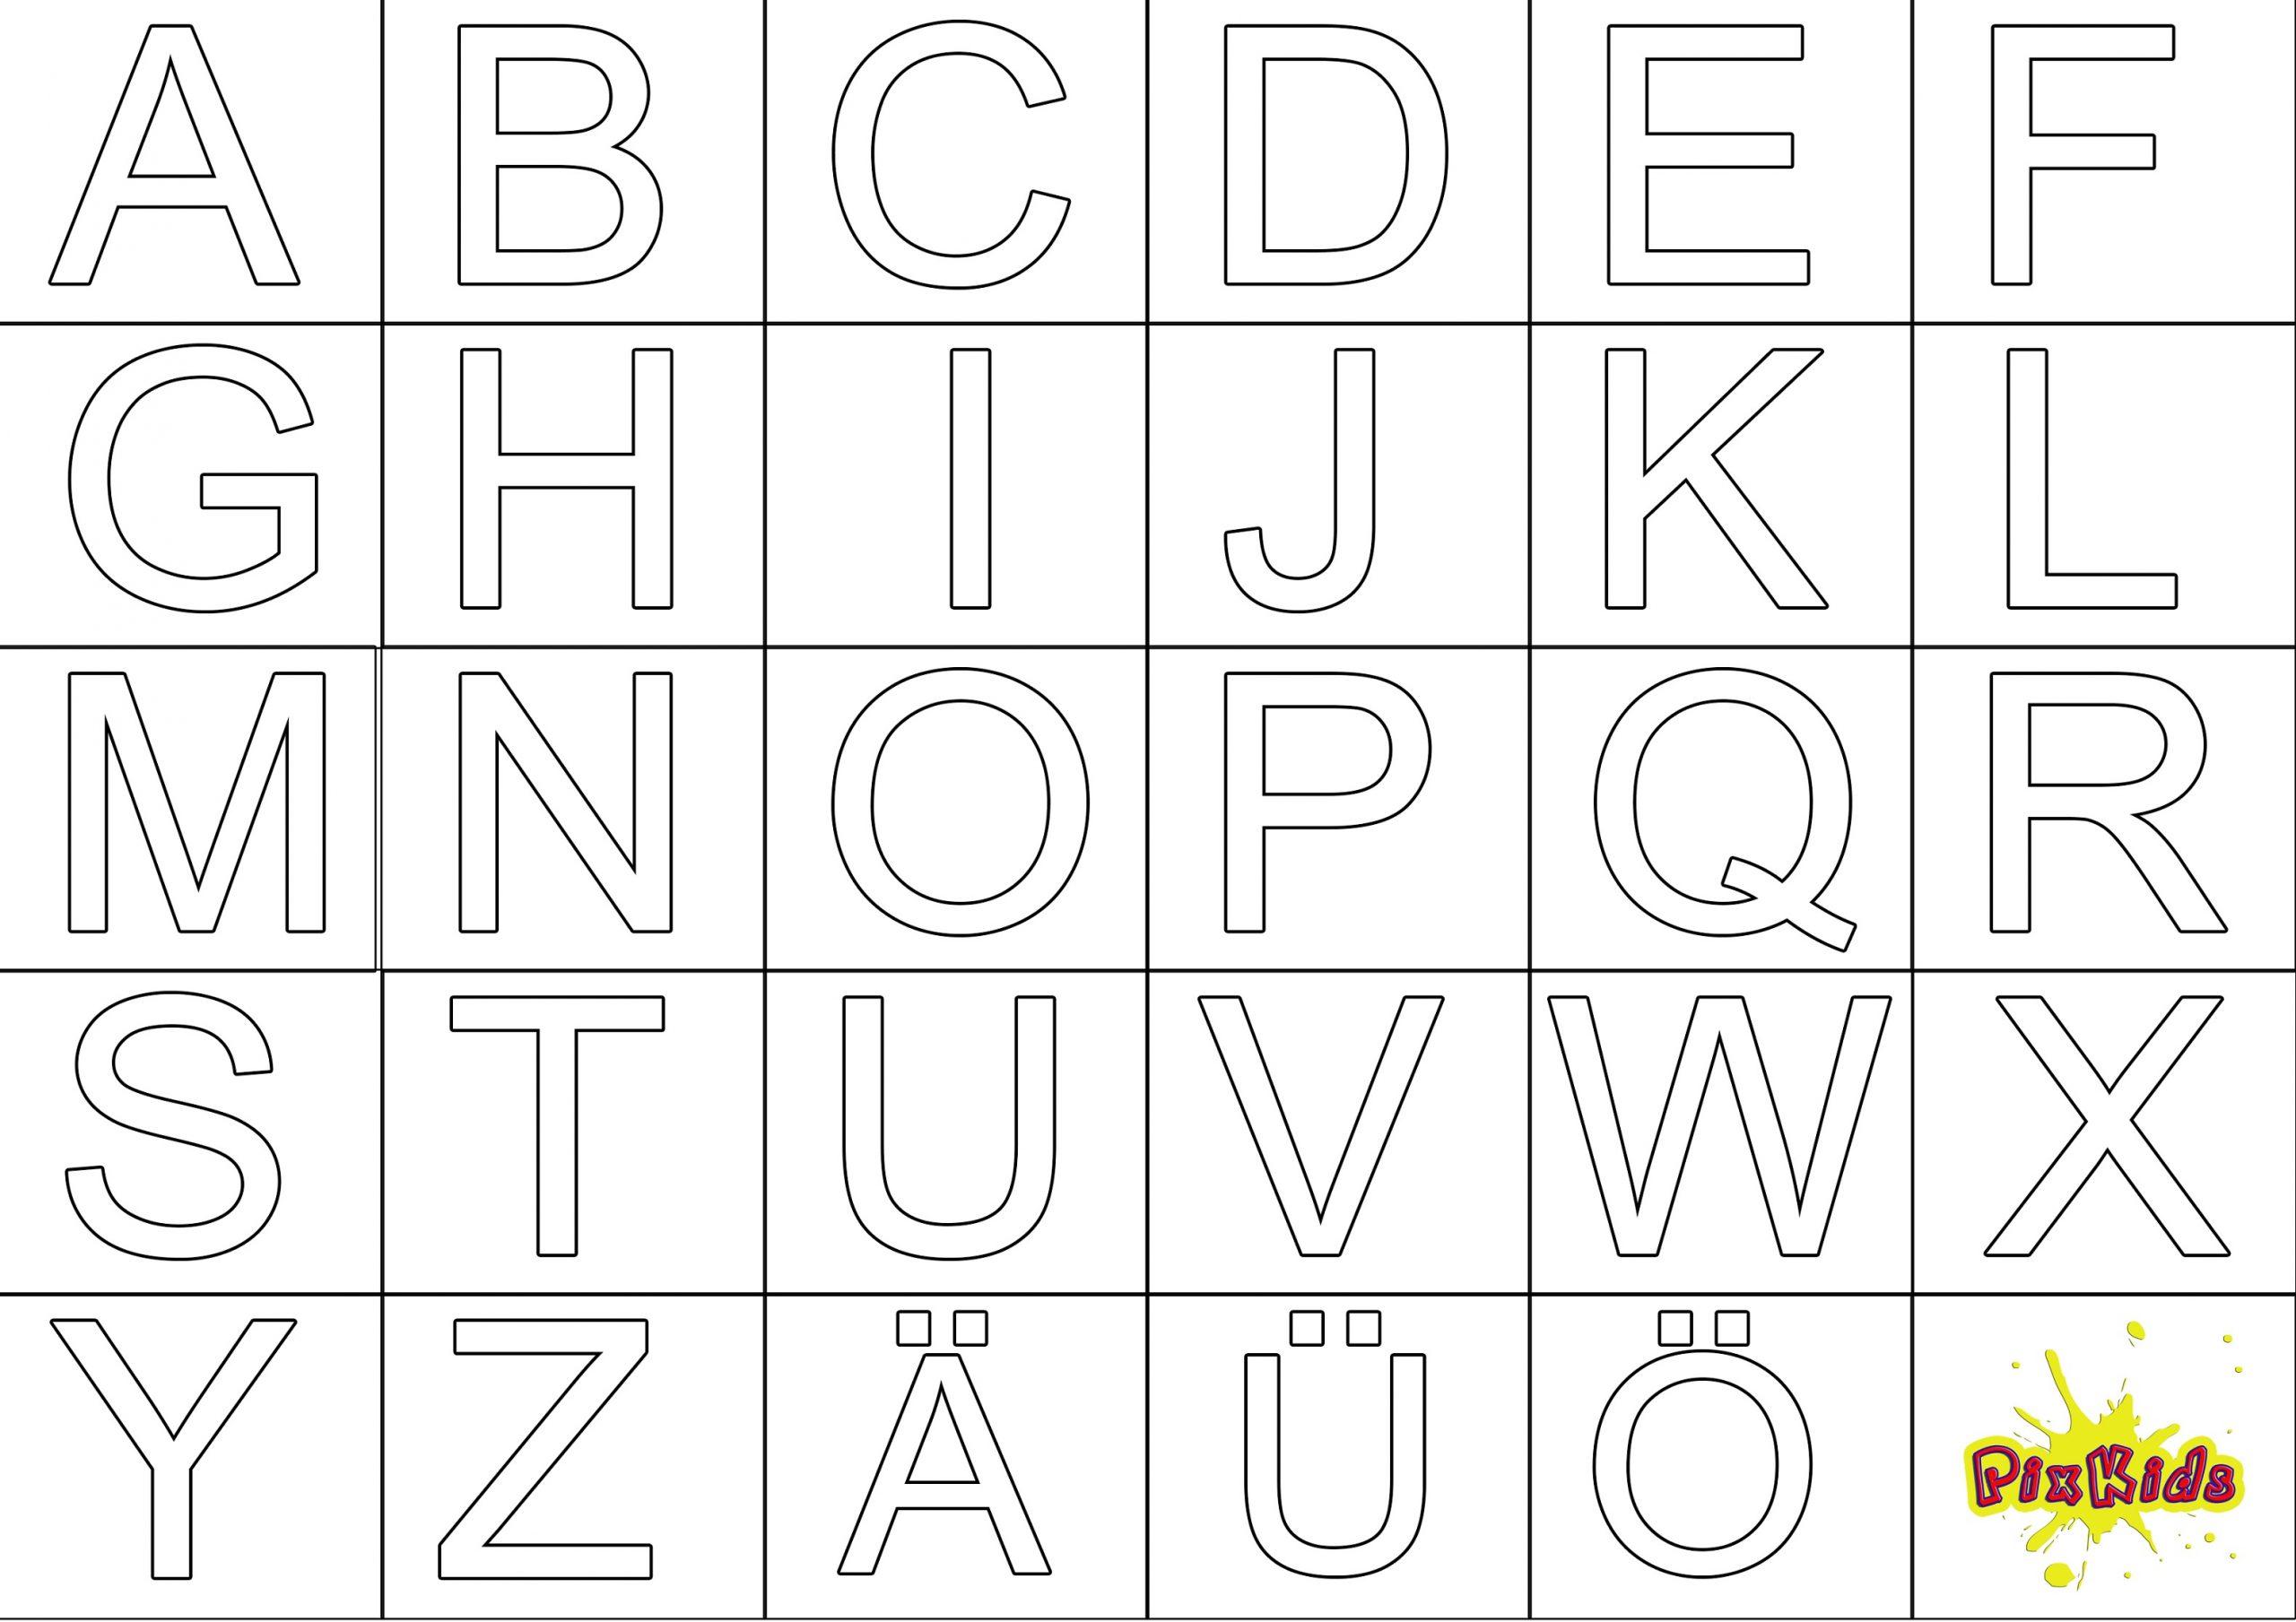 Ausmalbild Abc - Kostenlose Malvorlagen über Buchstaben Zum Ausmalen